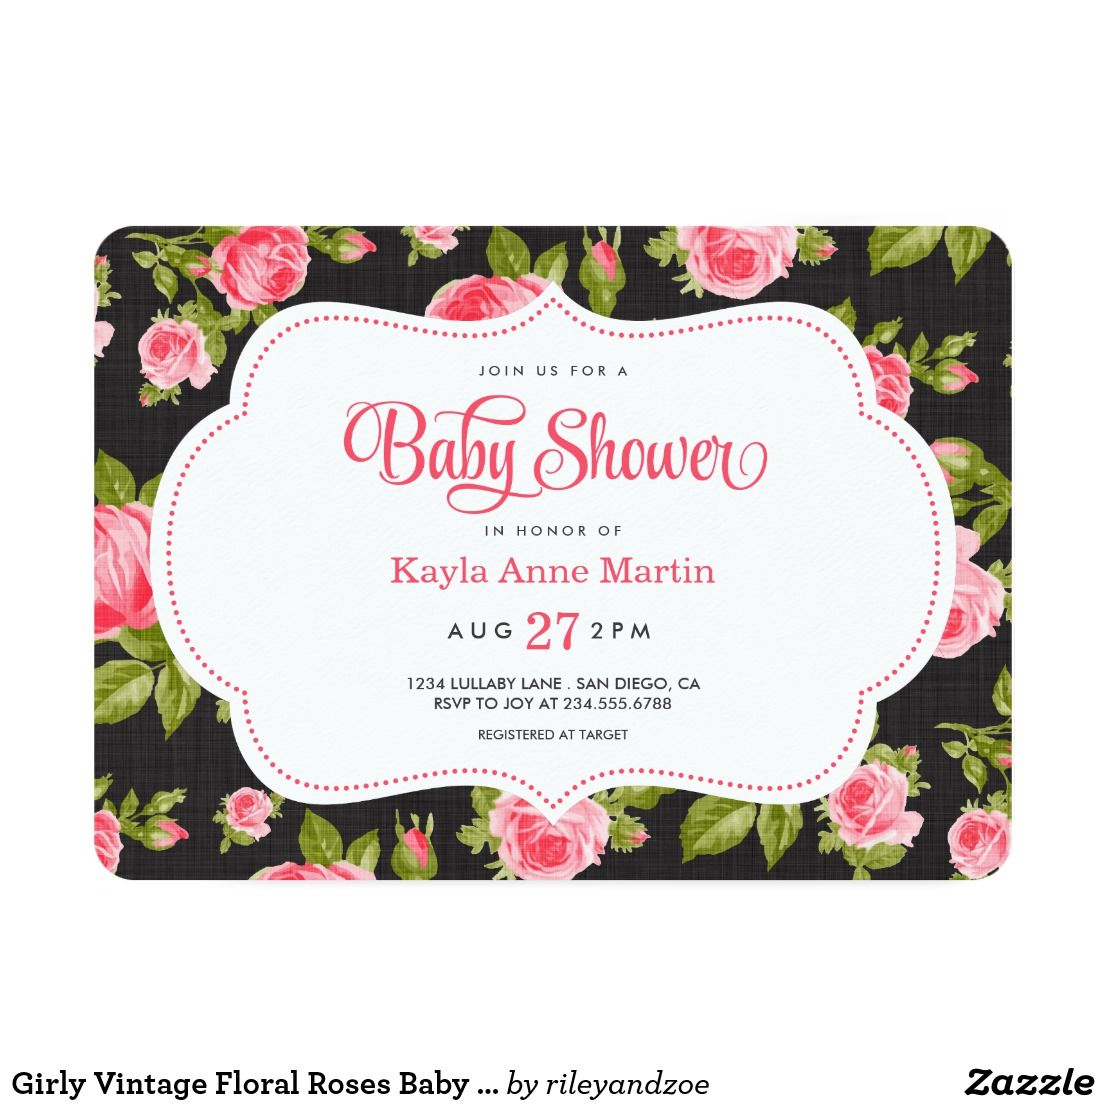 Girly Vintage Floral Roses Baby Shower Invitation | Vintage floral ...